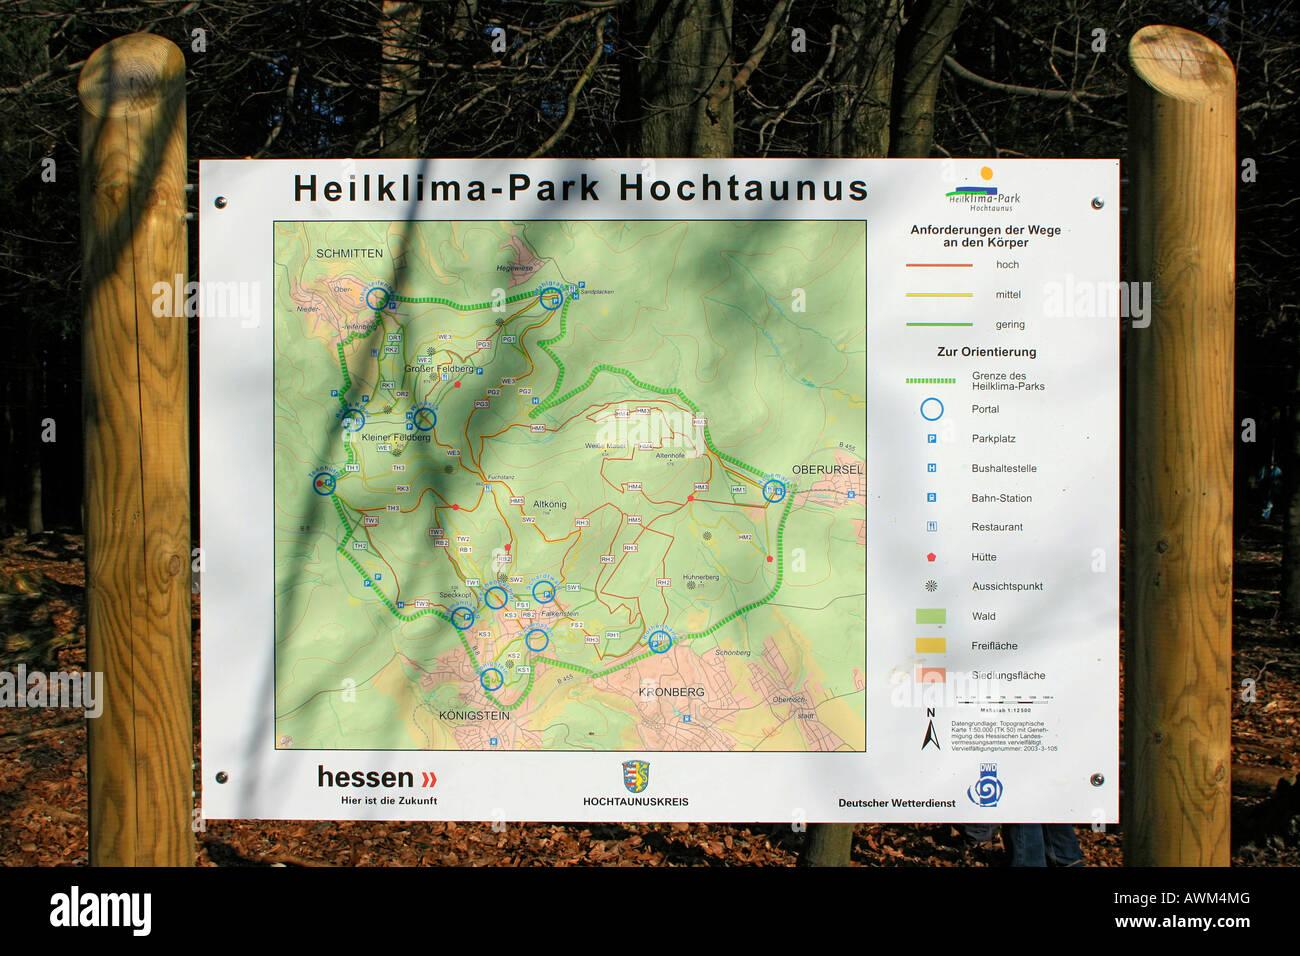 Mapa de la Salud Parque Clima Hochtaunus, región de Taunus, Hesse, Alemania, Europa Imagen De Stock